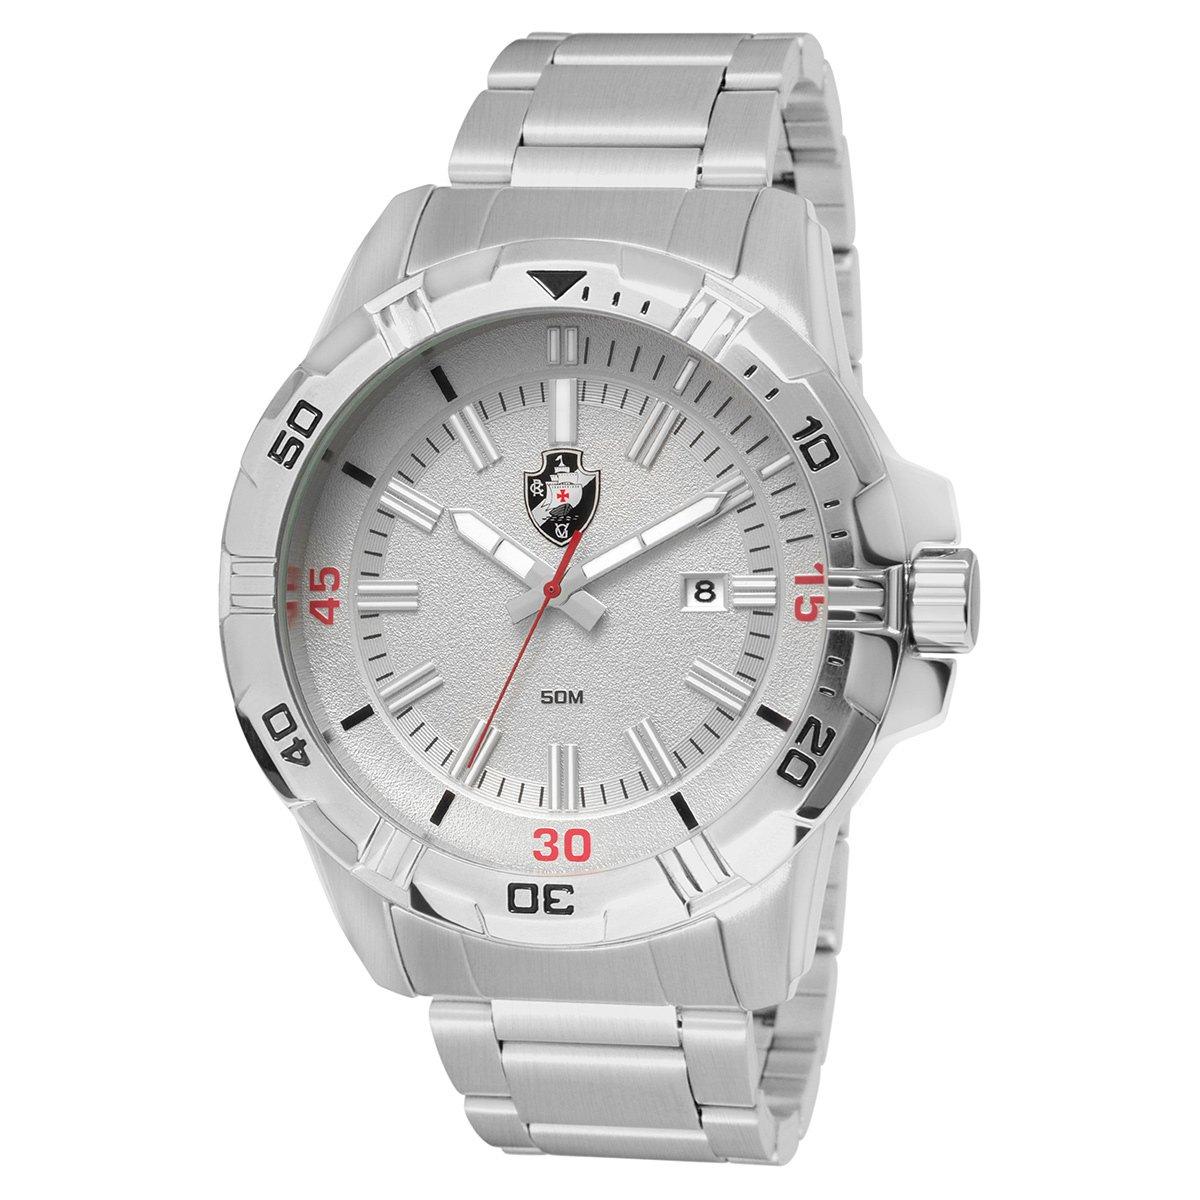 d472fd42318b3 Relógio Technos Vasco Metal Analógico II Calendário - Compre Agora ...